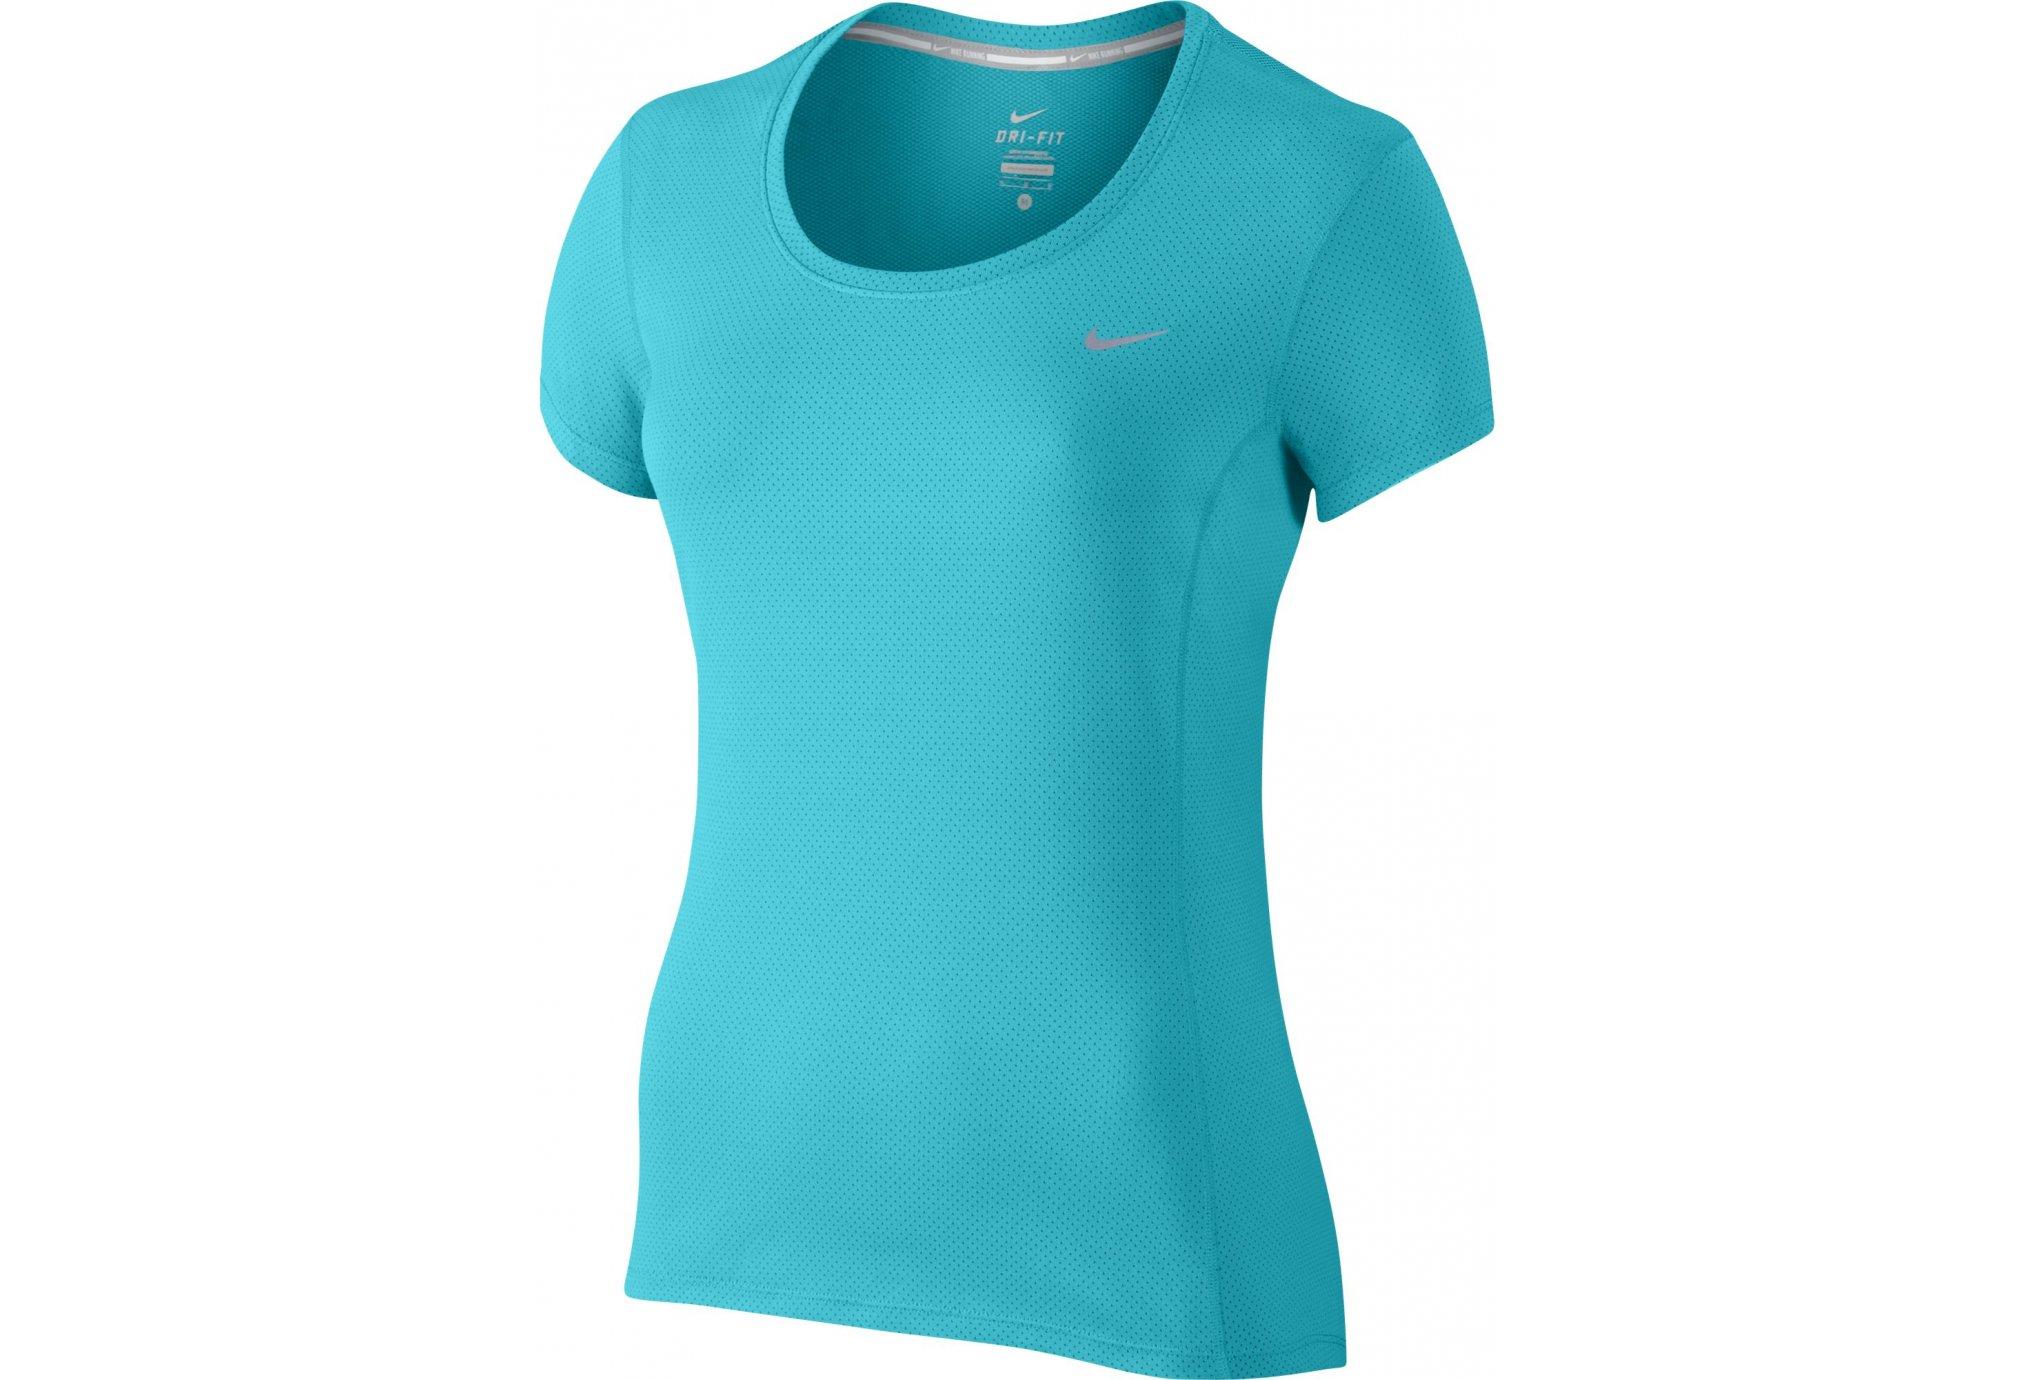 Contour Shirt Resathlon Nike Femme Fit Vêtements Dri Diététique W Tee wwBqS